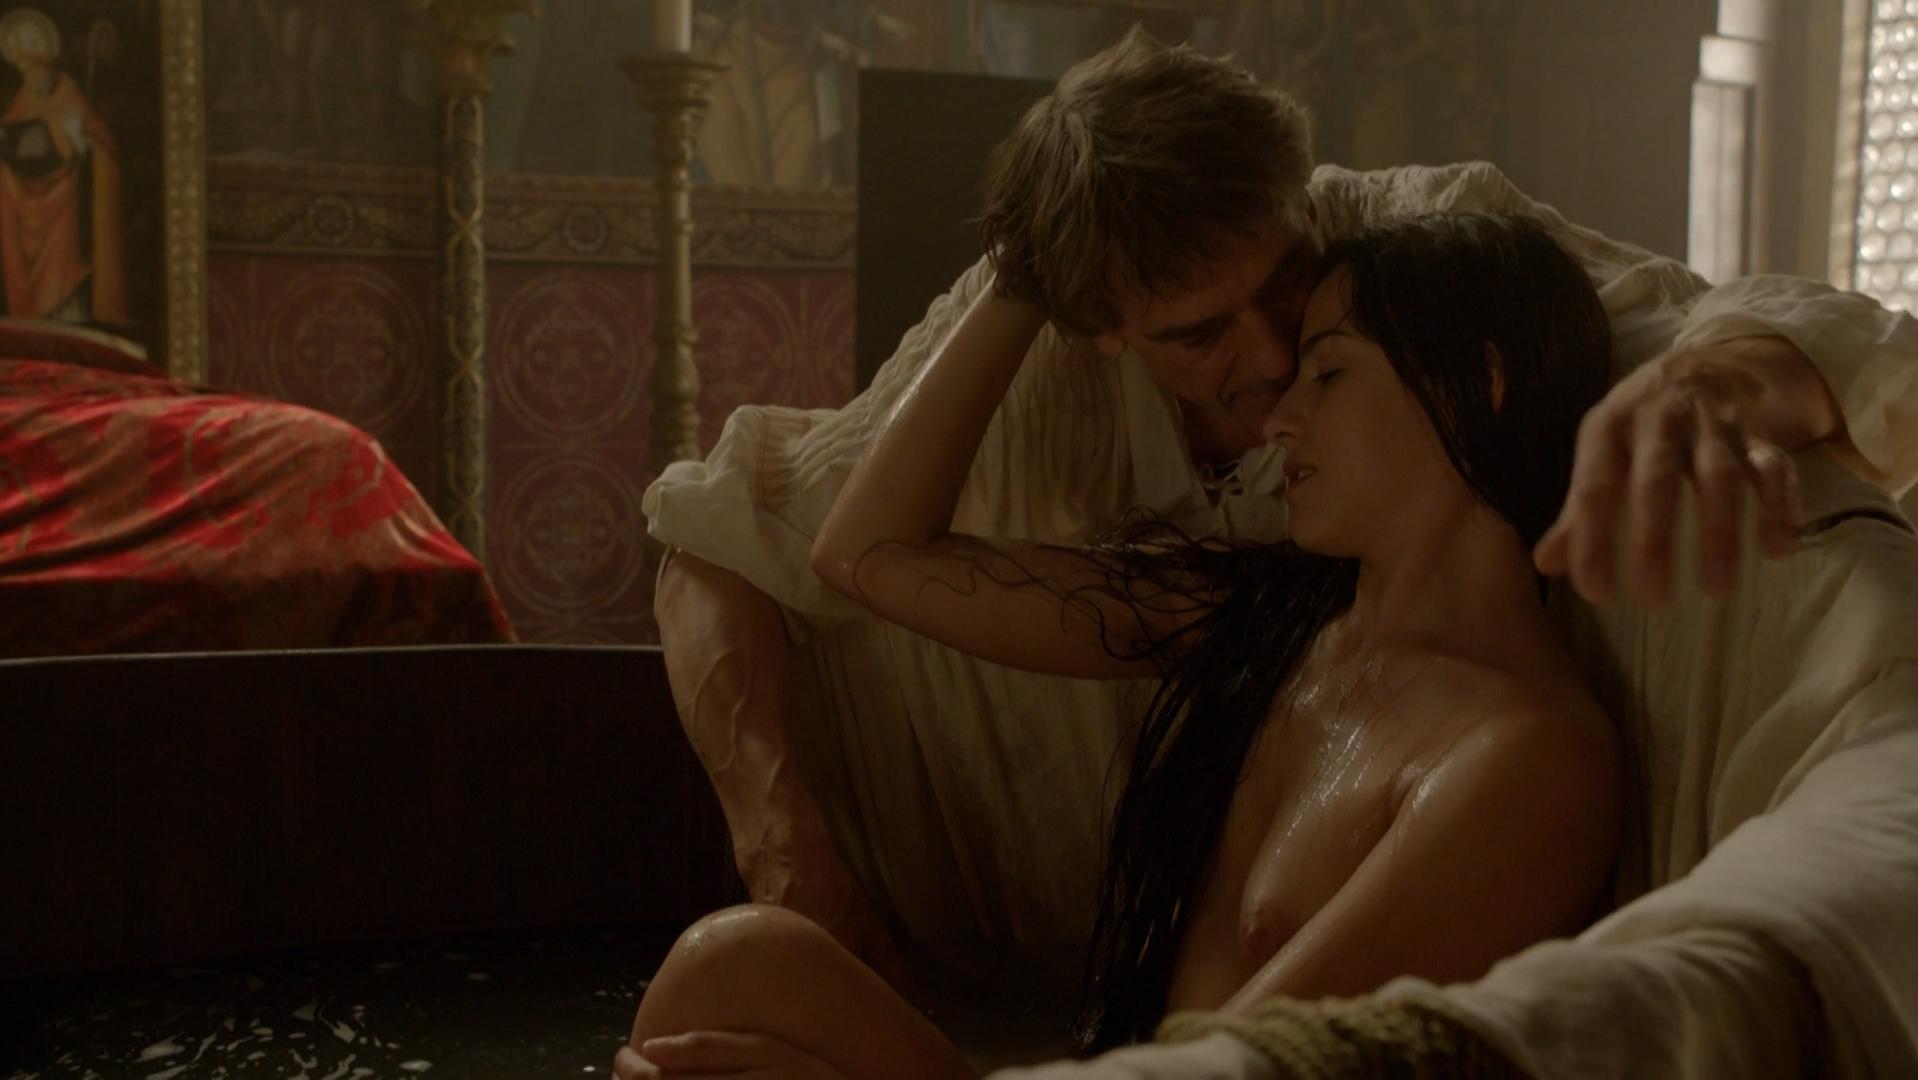 Melia Kreiling nude - The Borgias s02e01-04 (2012)